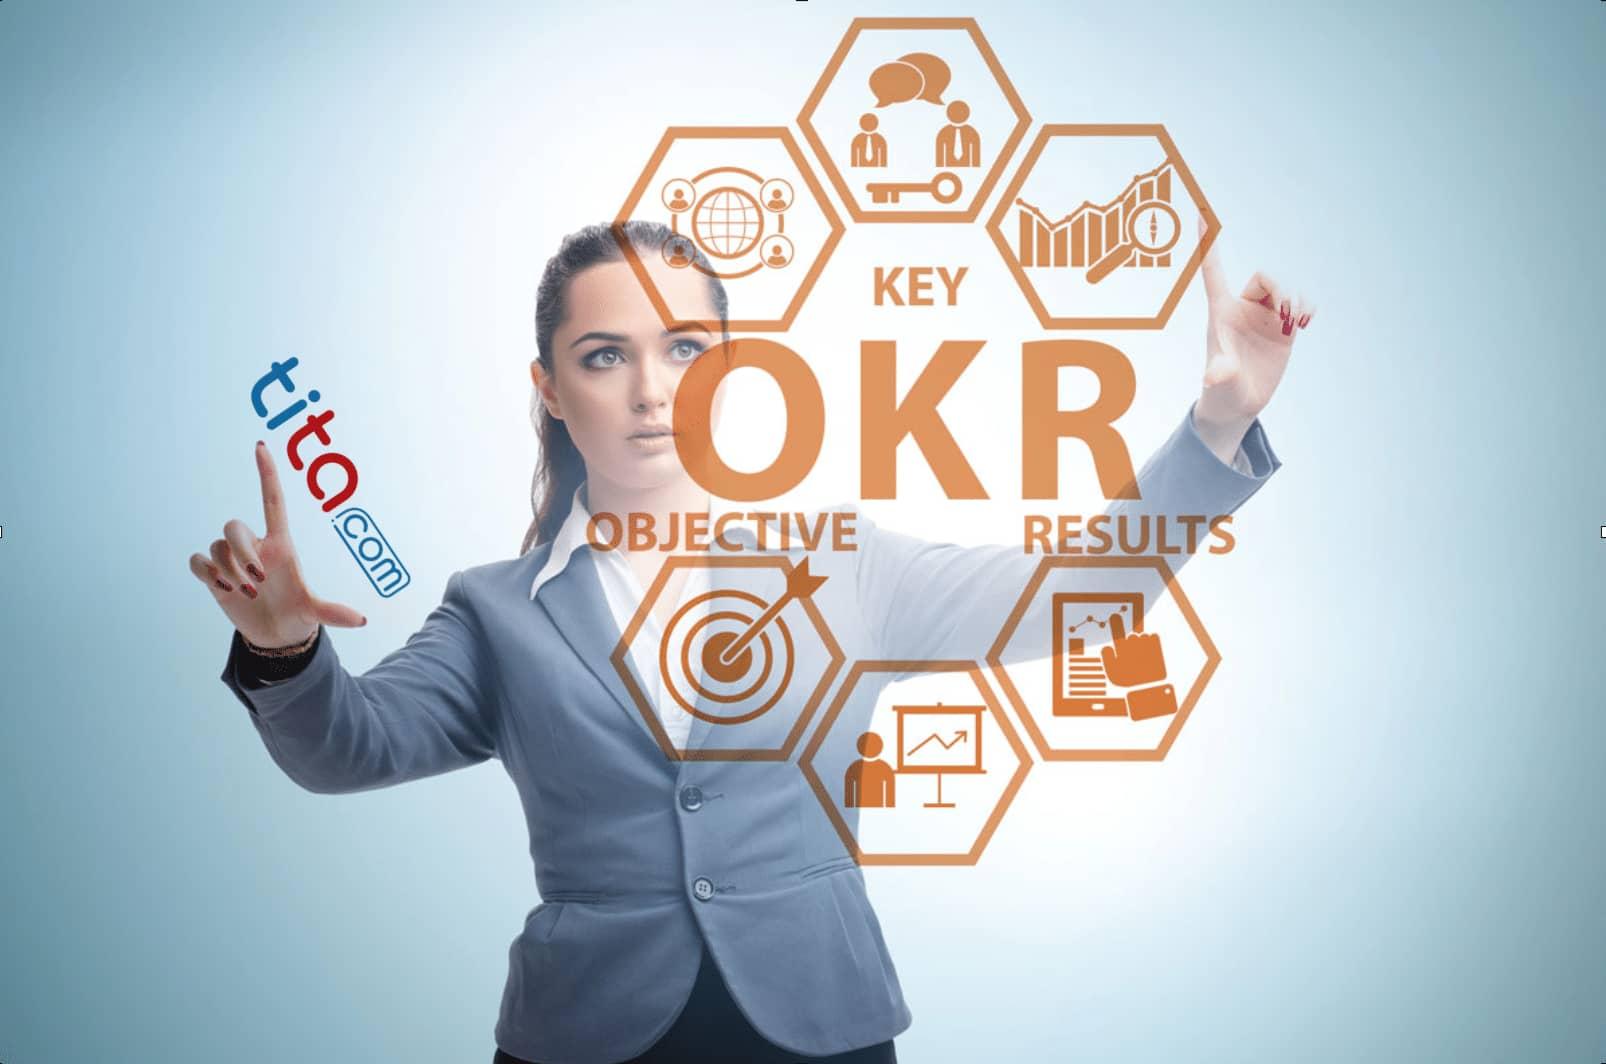 房地产公司的 OKR 案例